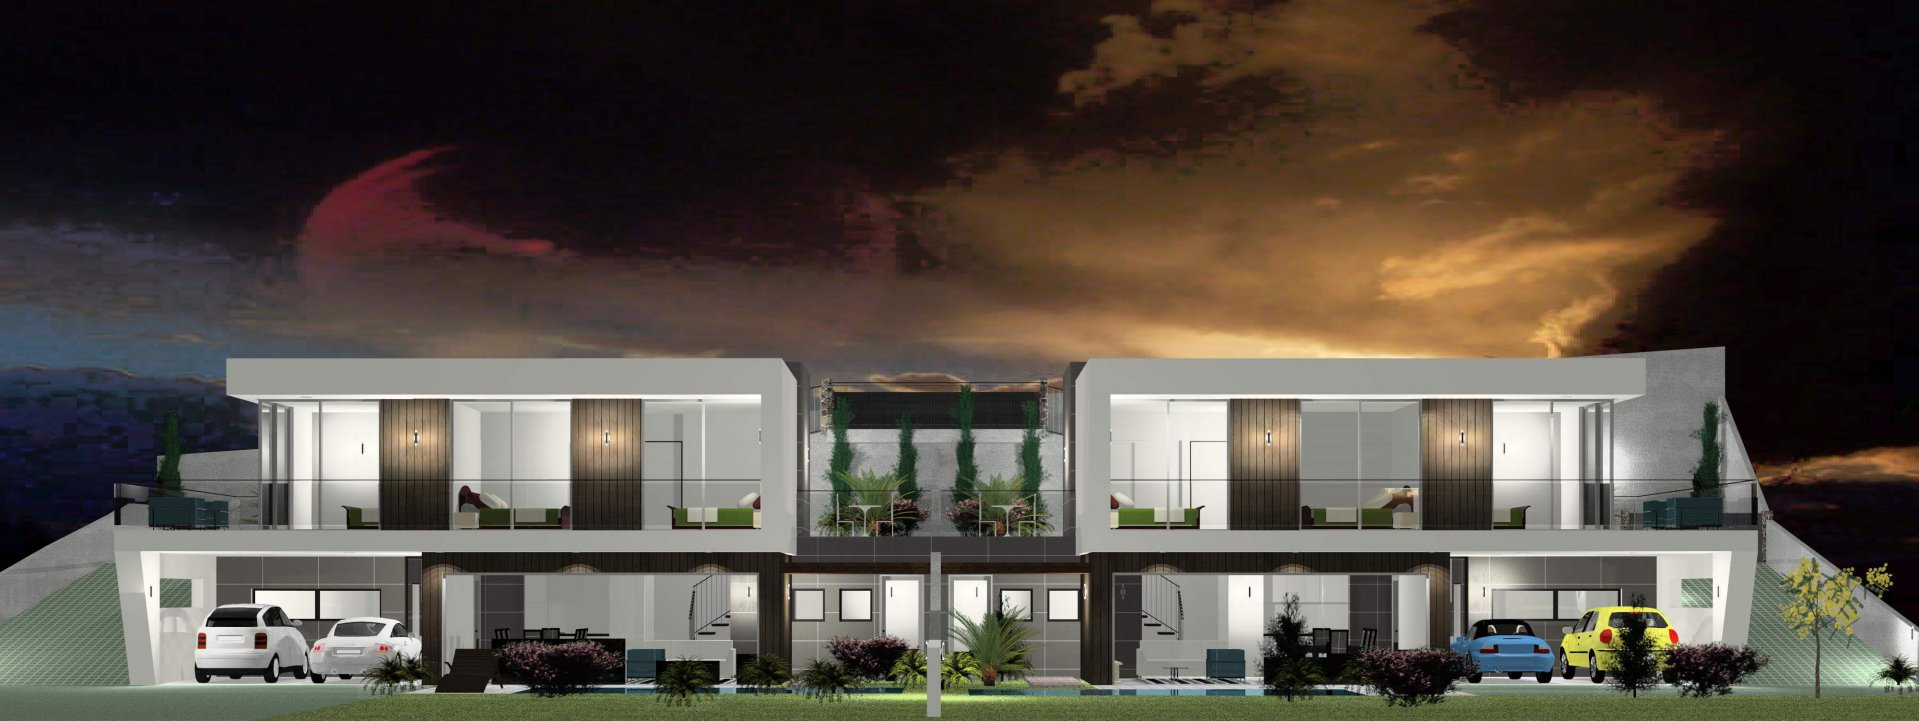 Fantastica Casa Moderna T3 Nova Semi-Geminada de 170 m2 com Piscina e 350 m2 de Terreno. Vista Superba para o Mar. Calheta.